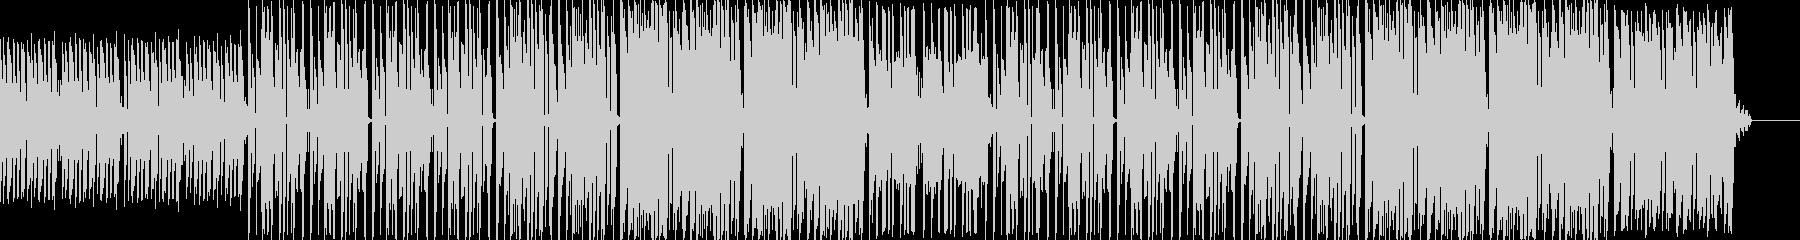 ラップ用ビート◆幻想的でノリのいいピアノの未再生の波形